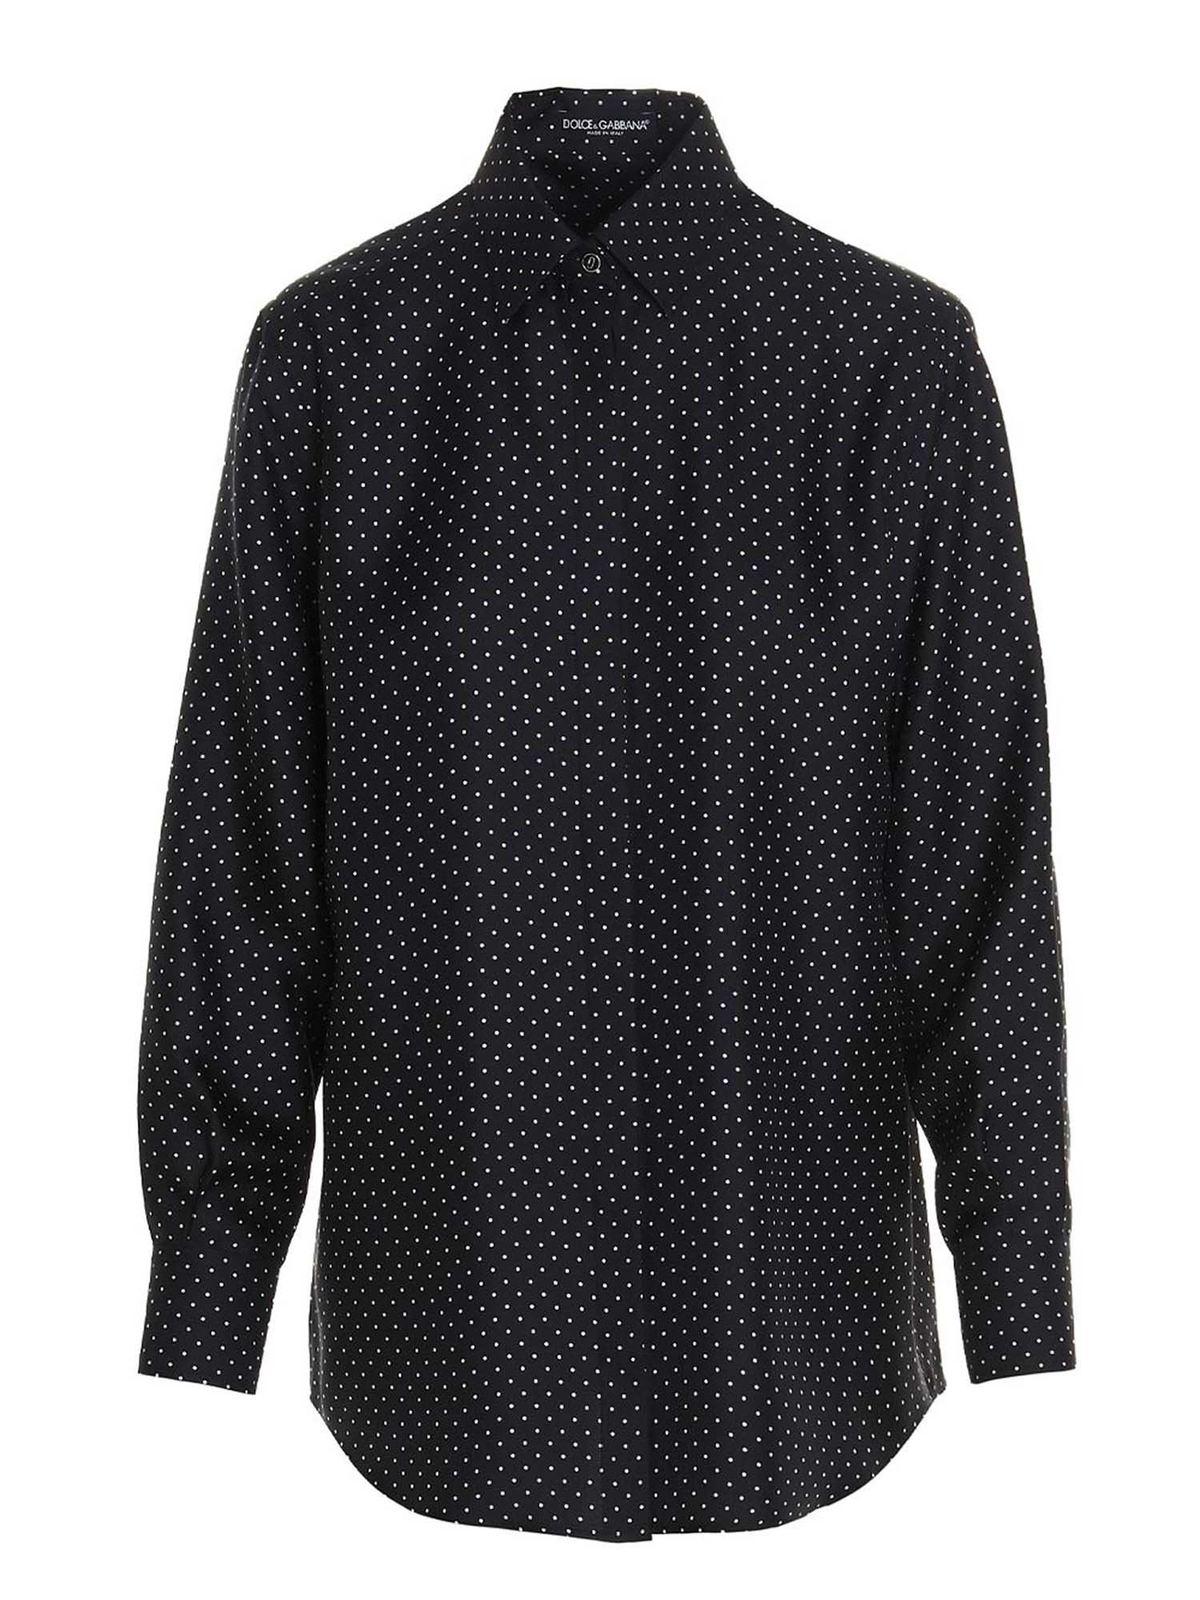 Dolce & Gabbana Silks POLKA DOT SHIRT IN BLACK